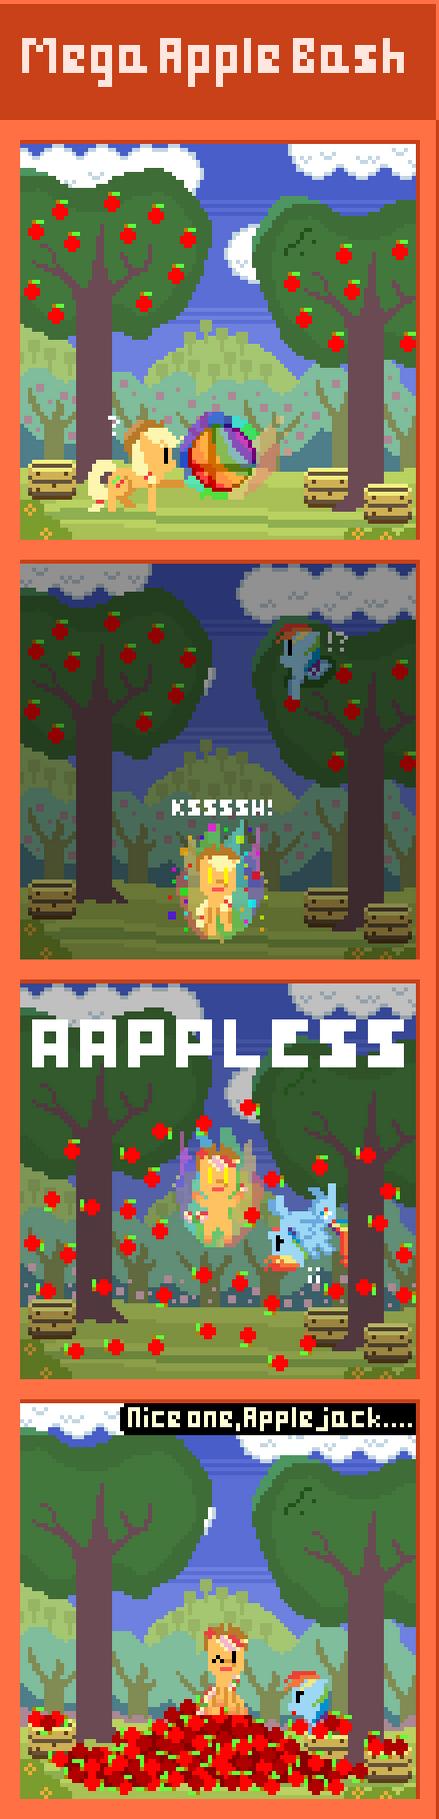 Mega Apple Bash by Zztfox